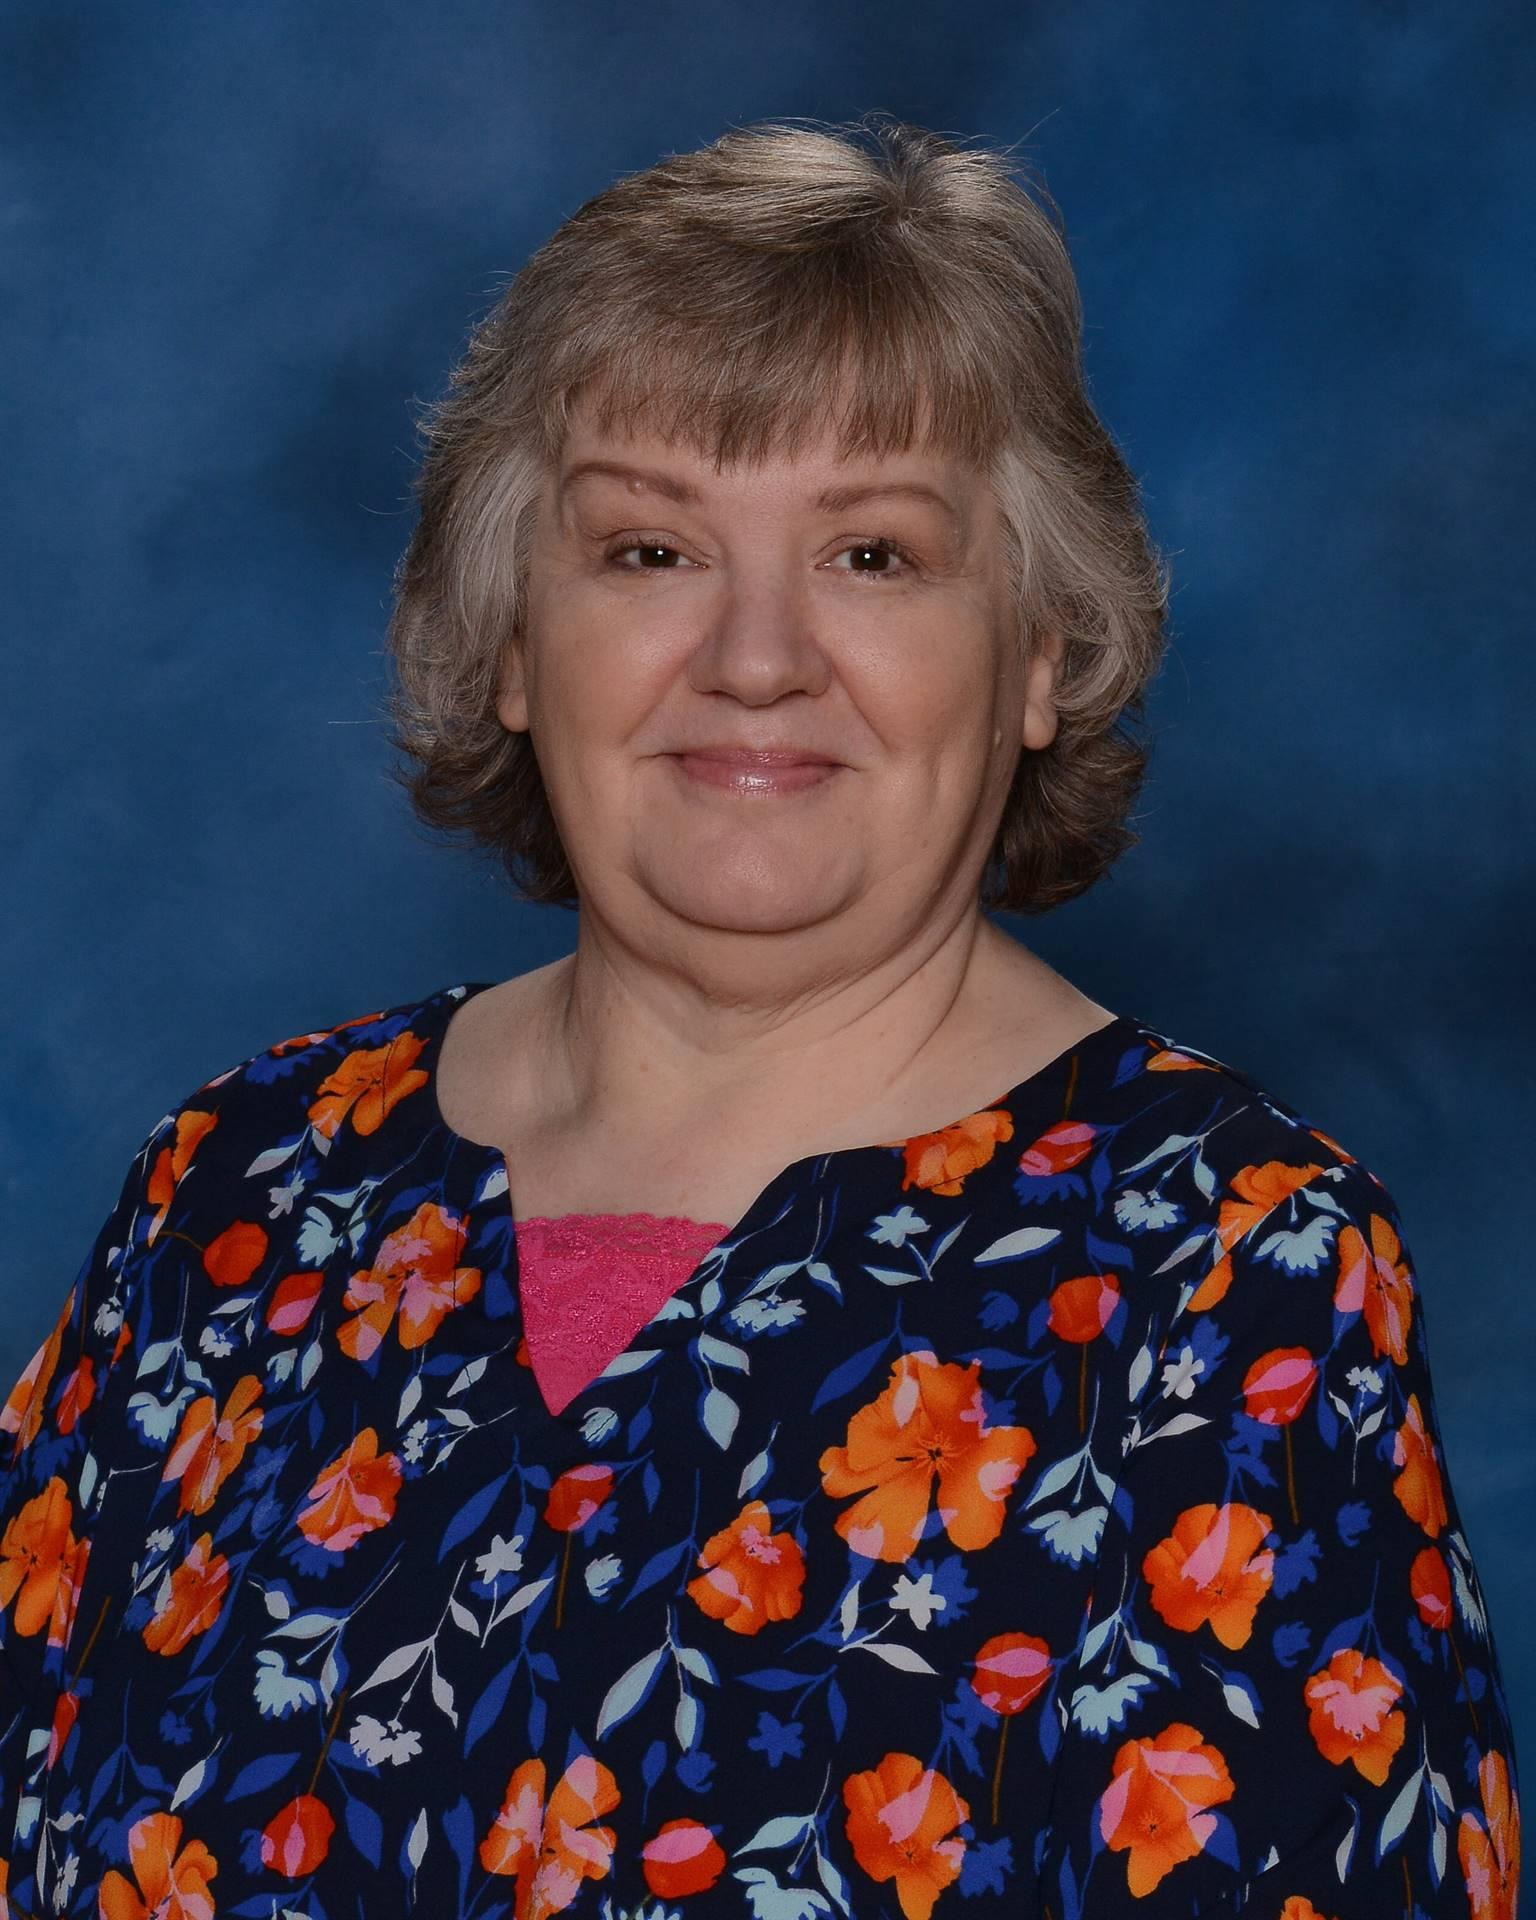 Mrs. Marks